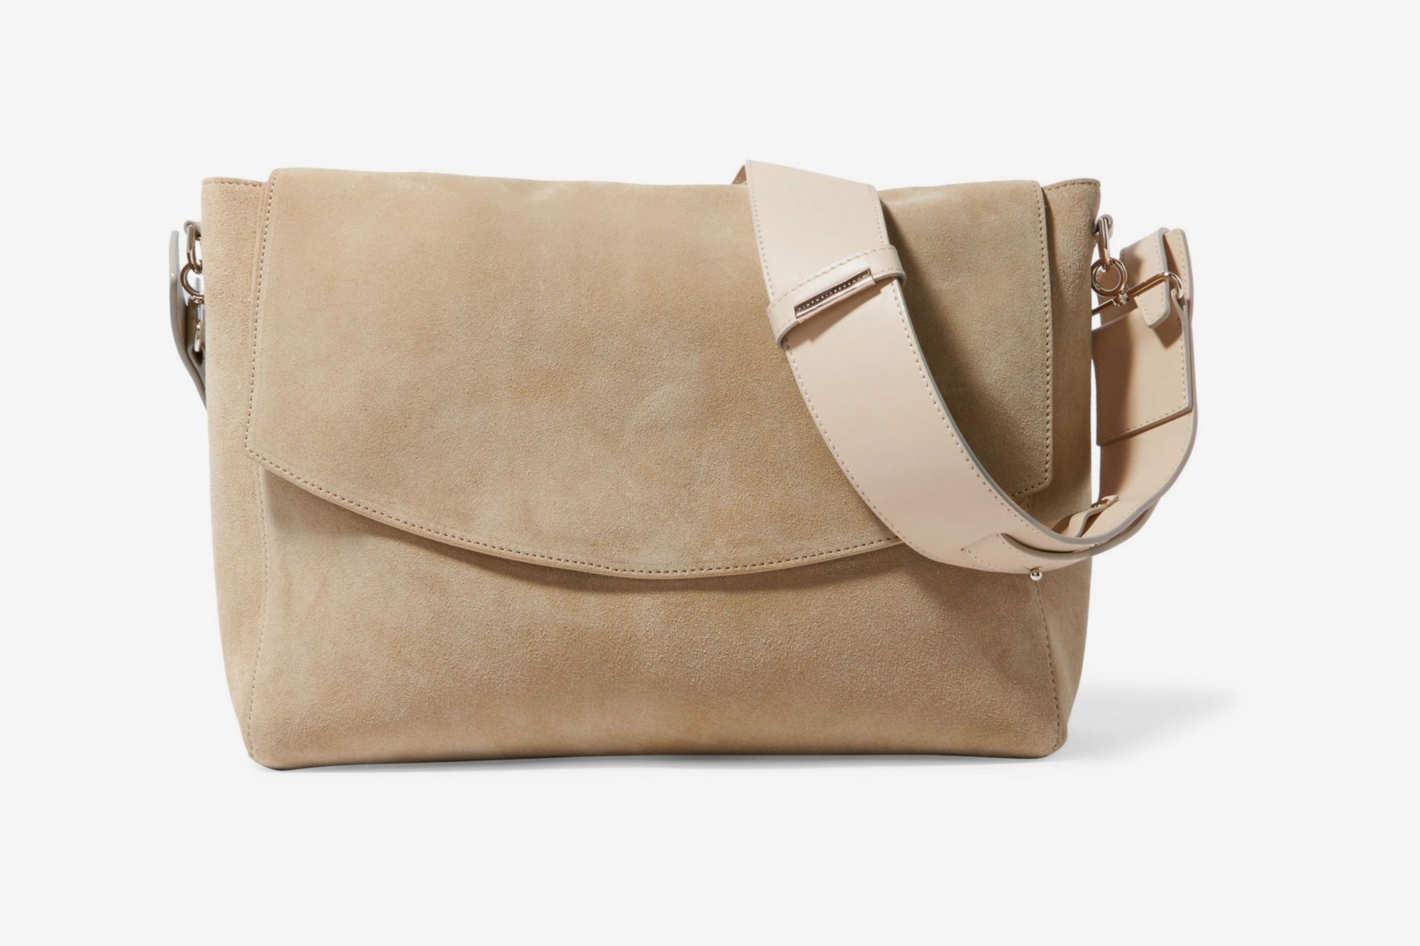 Victoria Beckham Leather-Trimmed Canvas Shoulder Bag